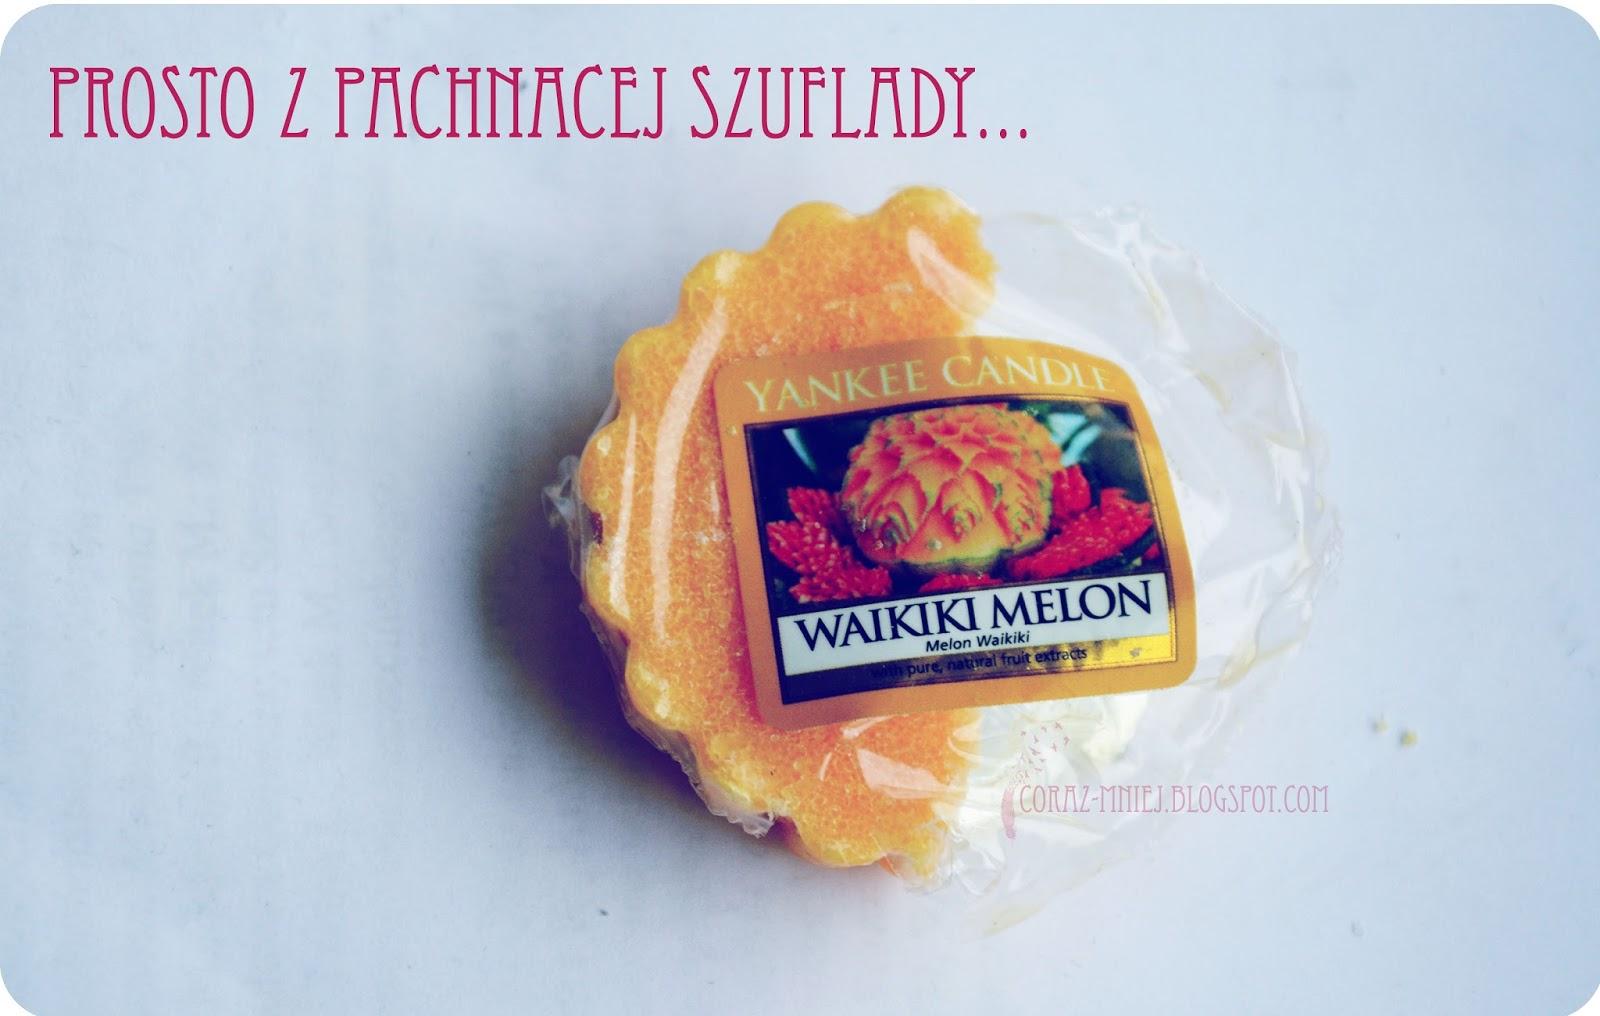 waikiki-melon